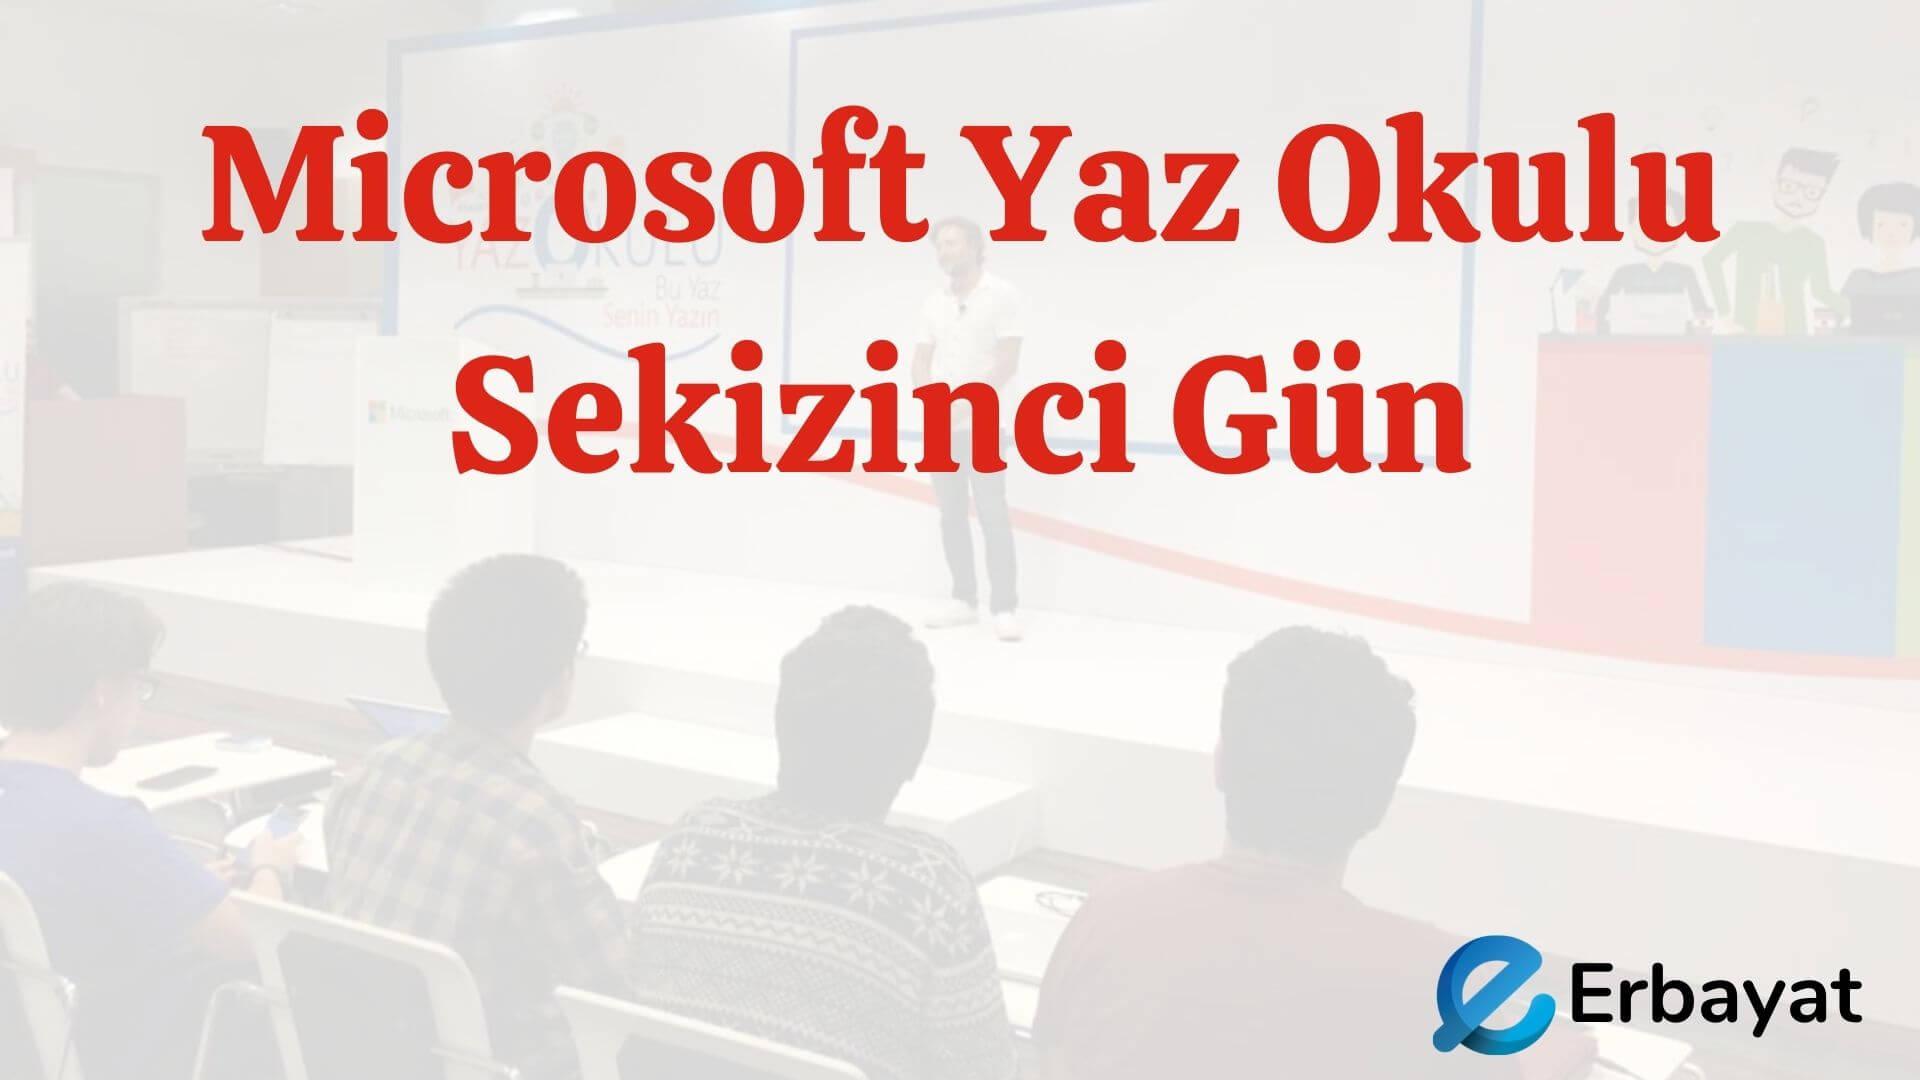 Microsoft Yaz Okulu Sekizinci Gün